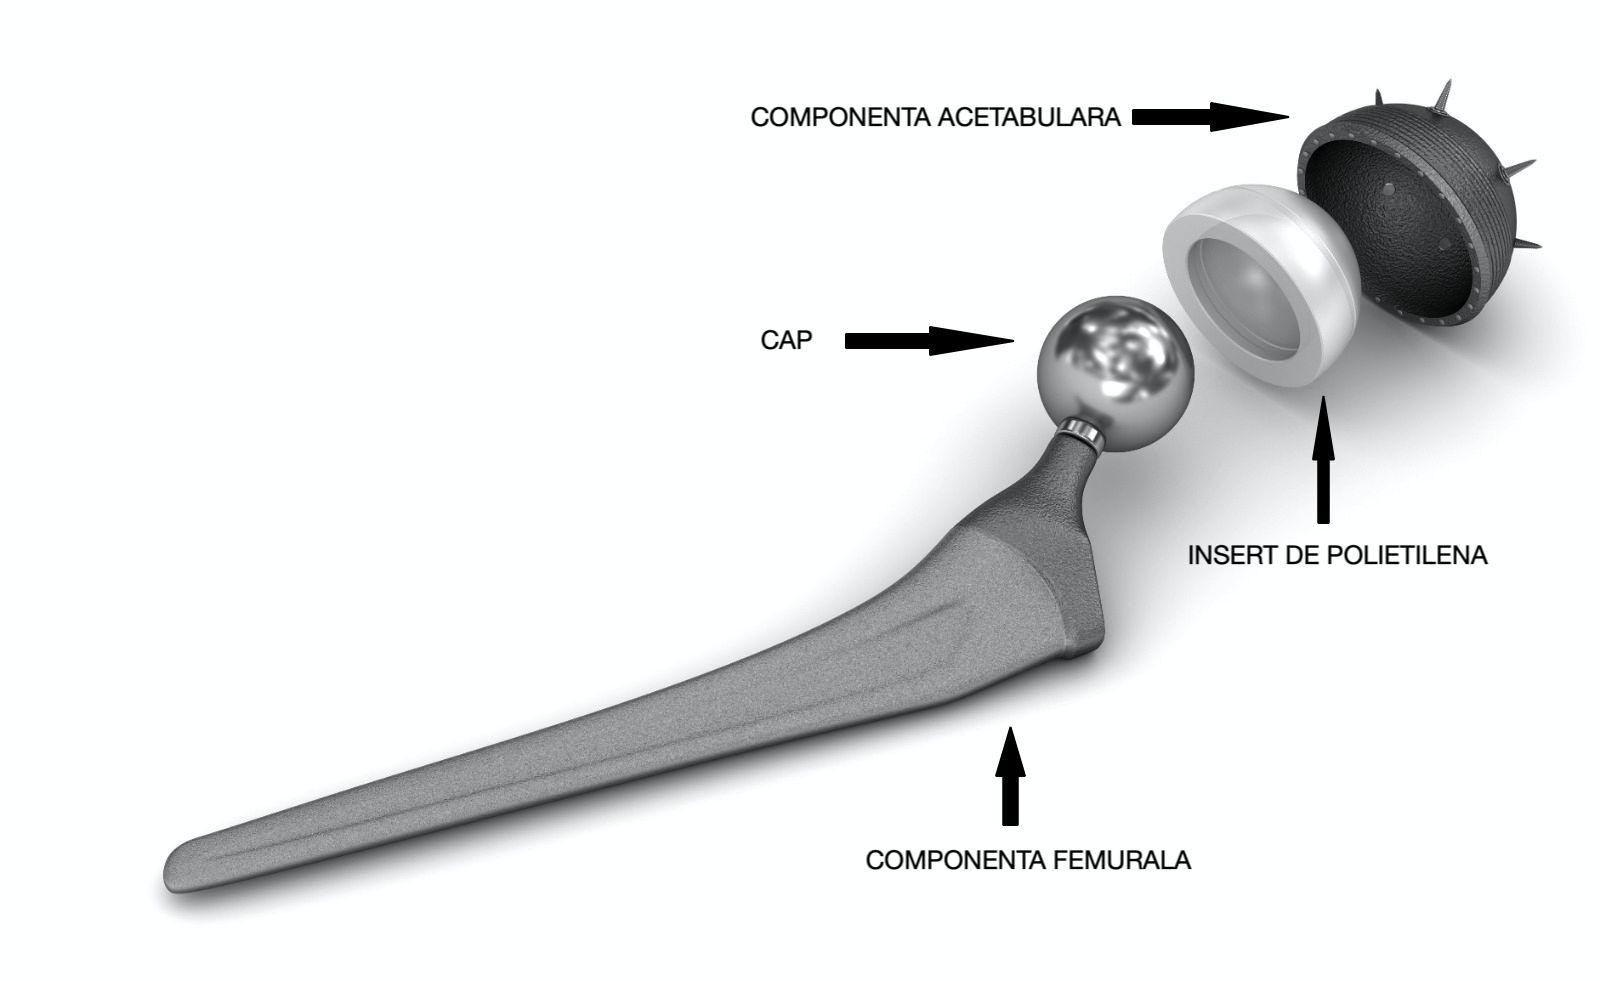 Coxartroza cu nacf